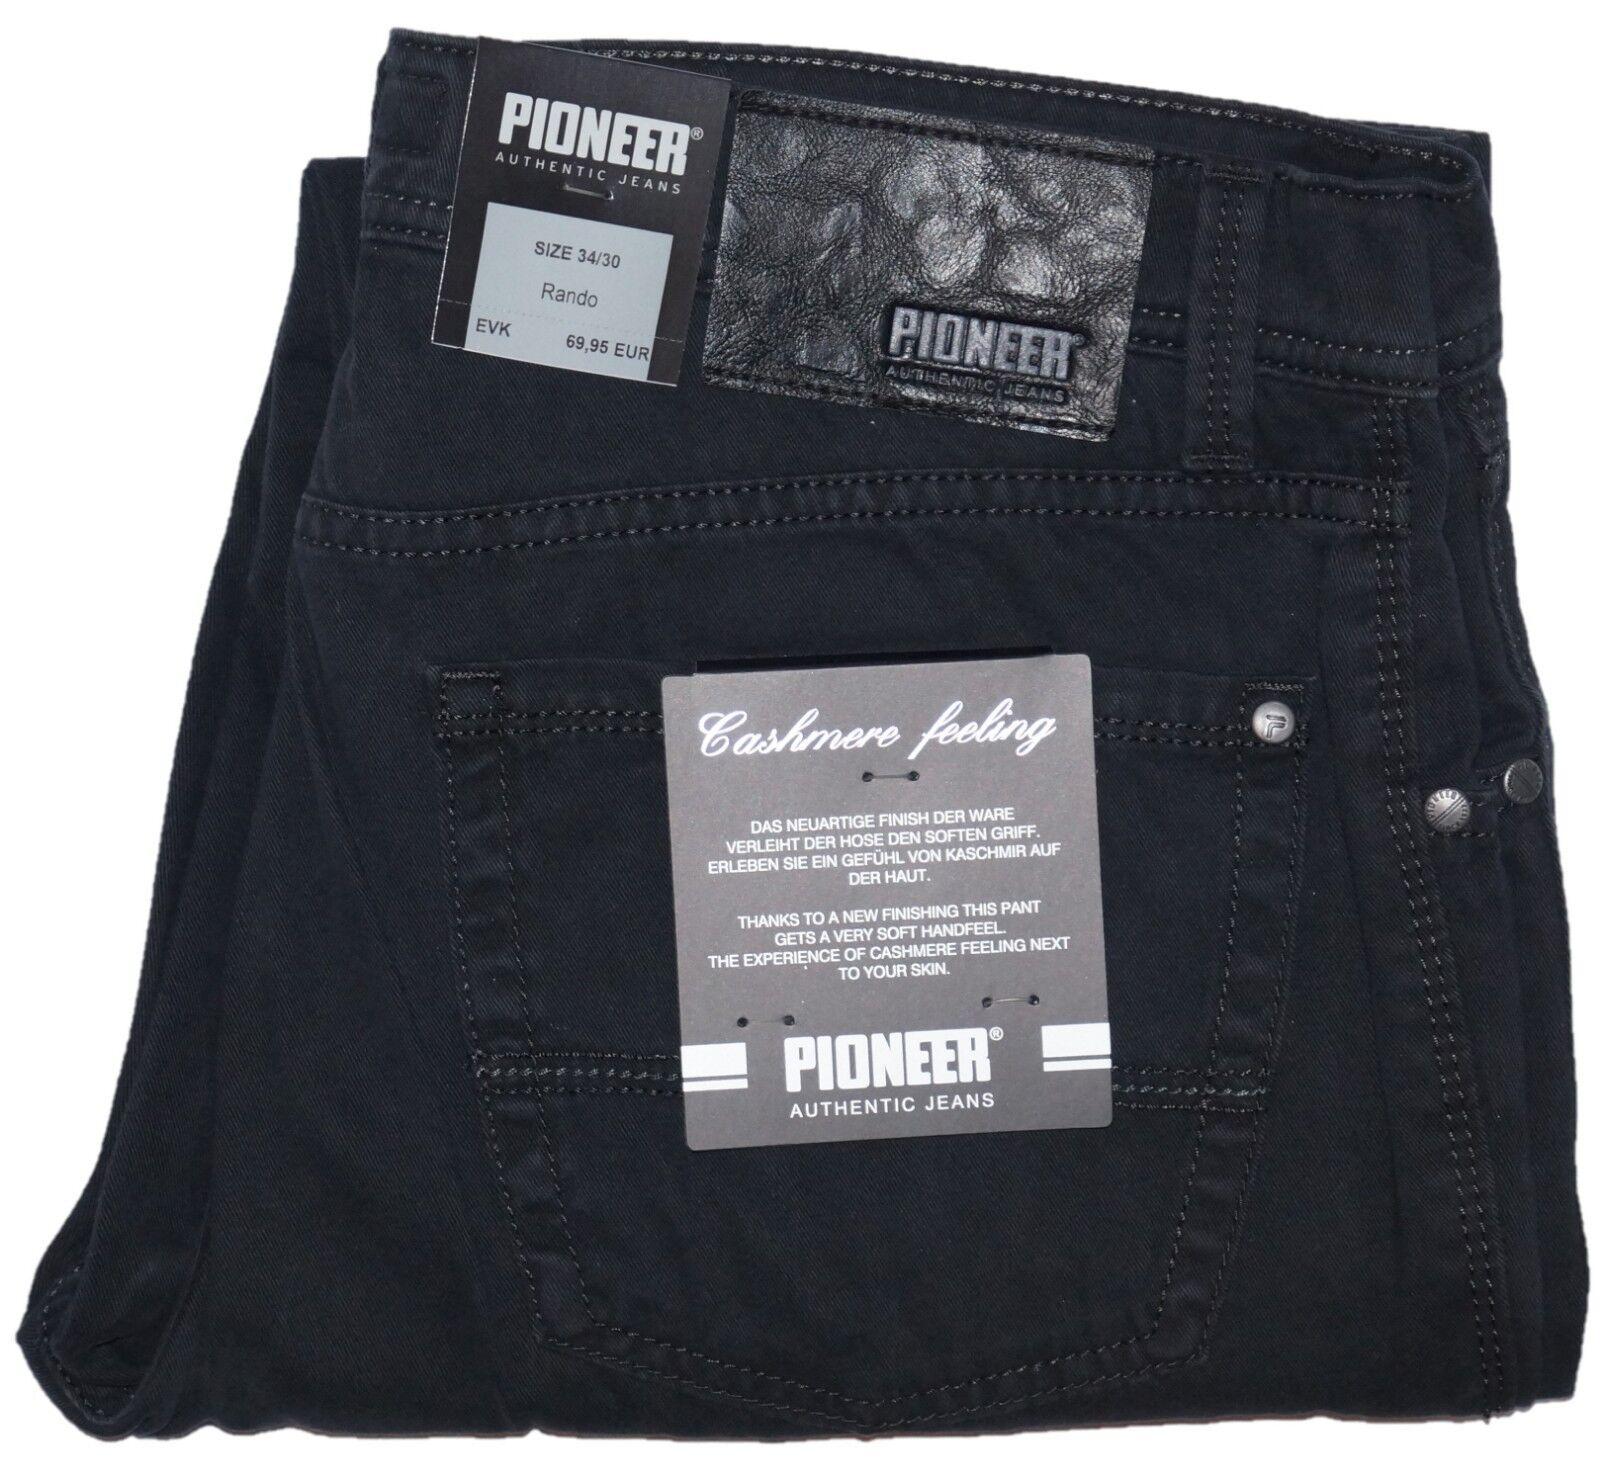 PIONEER® Herren JeansHose Stretch FIVE POCKET wie RANDO SCHWARZ Sommer Stoffhose